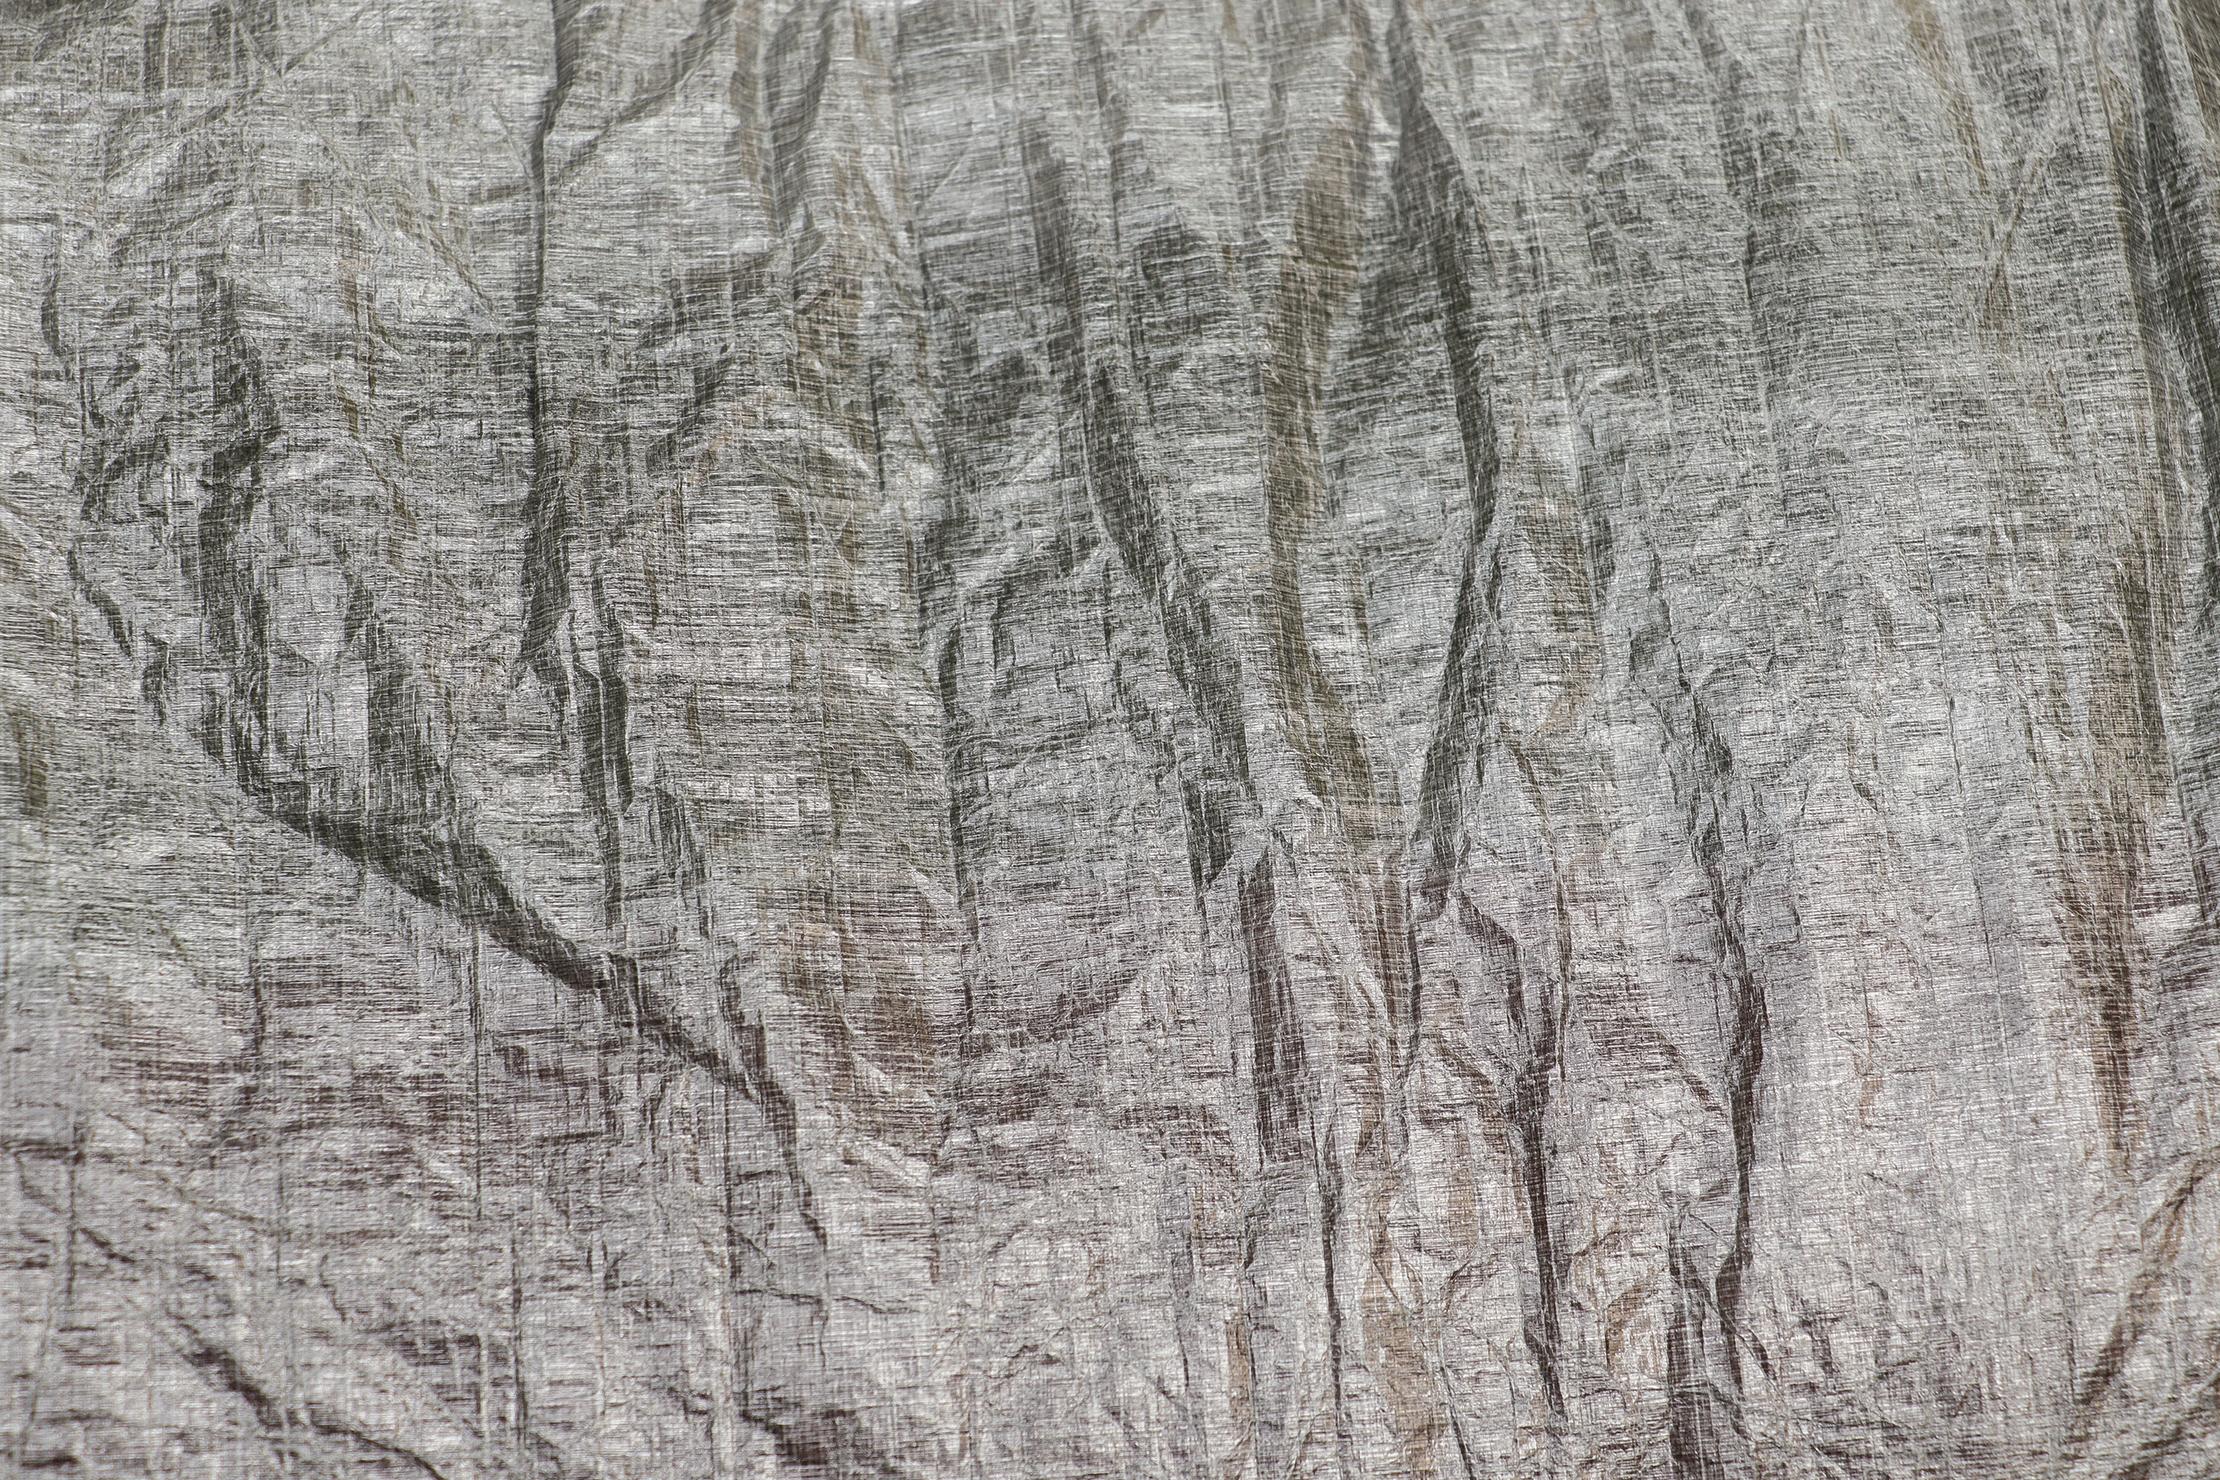 Hyperlite Mountain Gear Pod Dyneema Material